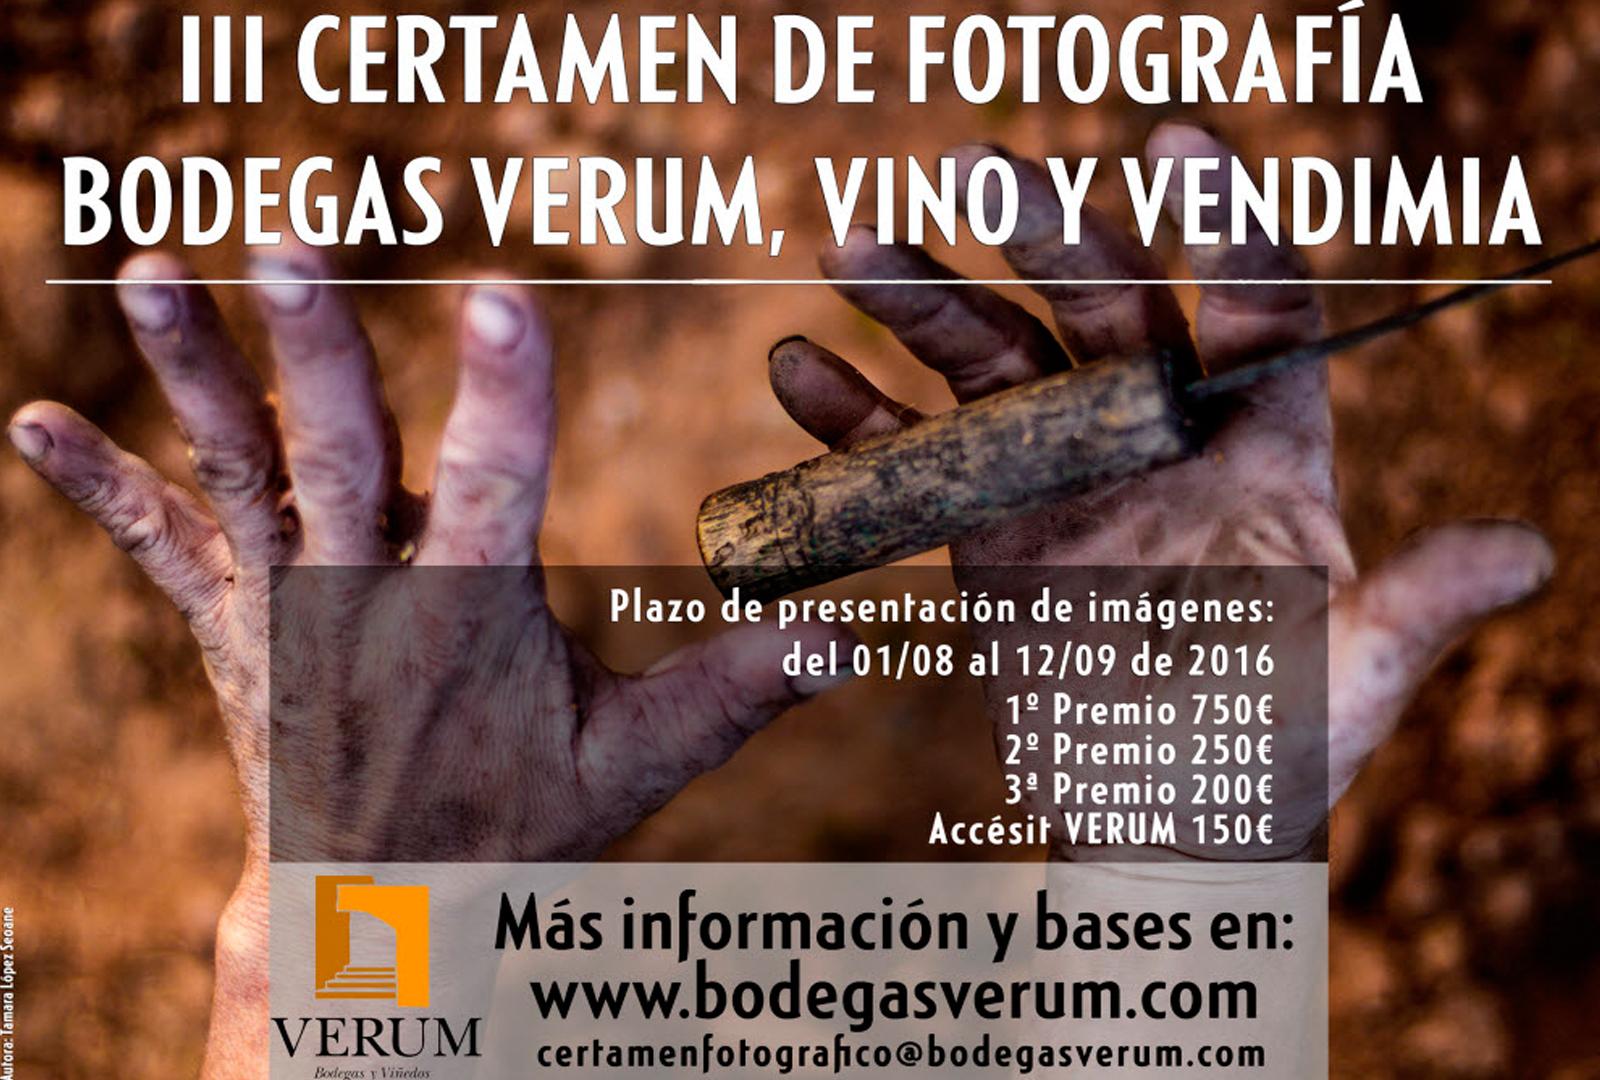 Certamen nacional de fotografía Verum, Vino y Vendimia.